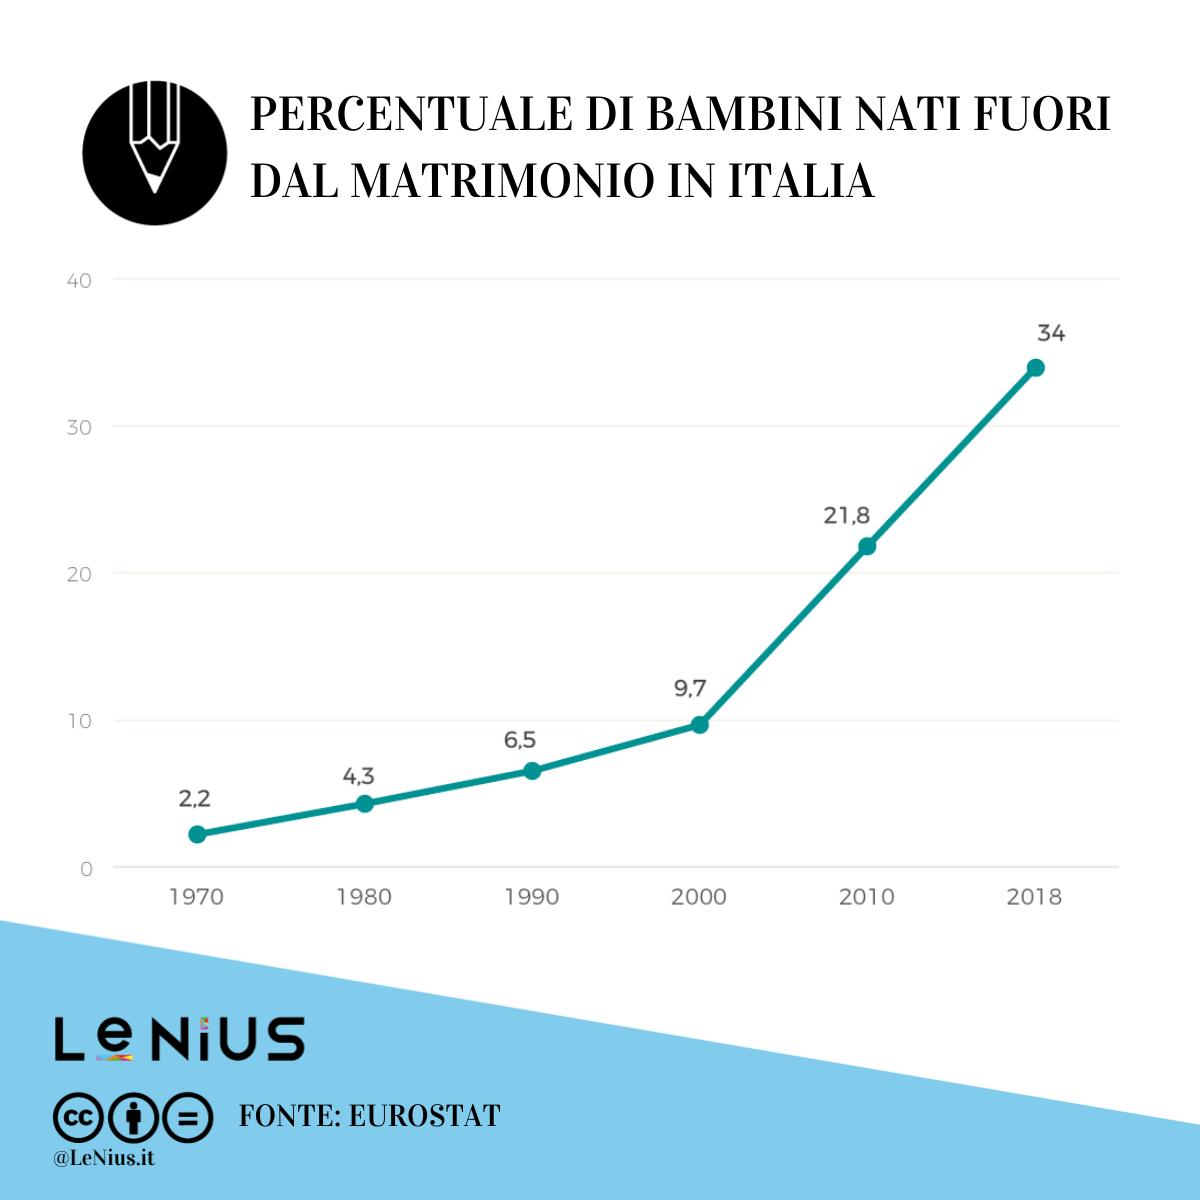 bambini nati fuori dal matrimonio in italia 2018